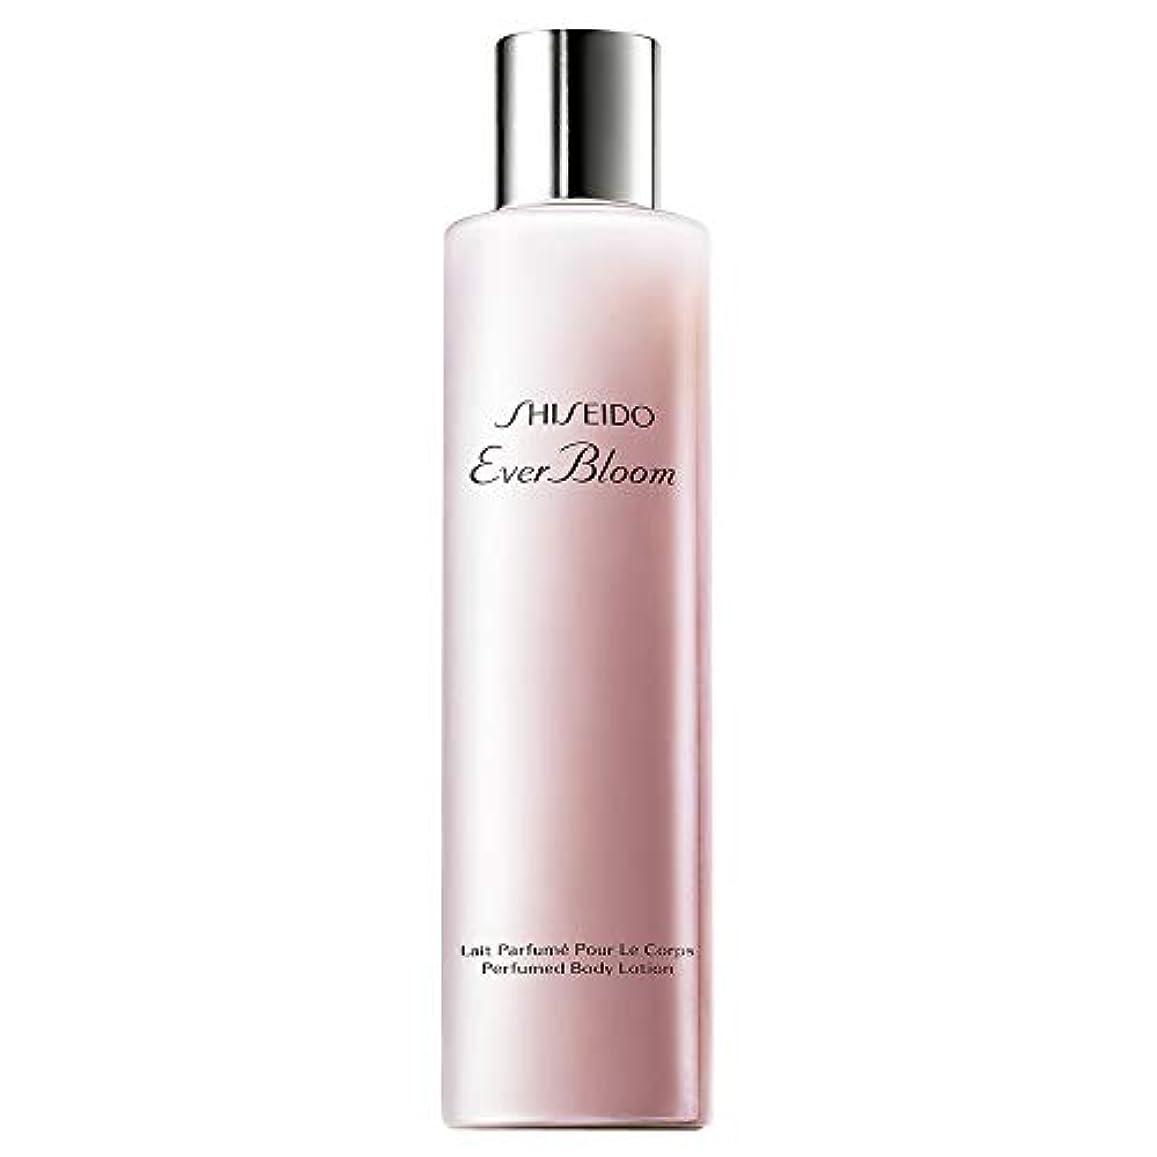 入手します教養がある船外[Shiseido] 資生堂は、これまでのボディローション200ミリリットルを咲かせ - Shiseido Ever Bloom Body Lotion 200ml [並行輸入品]